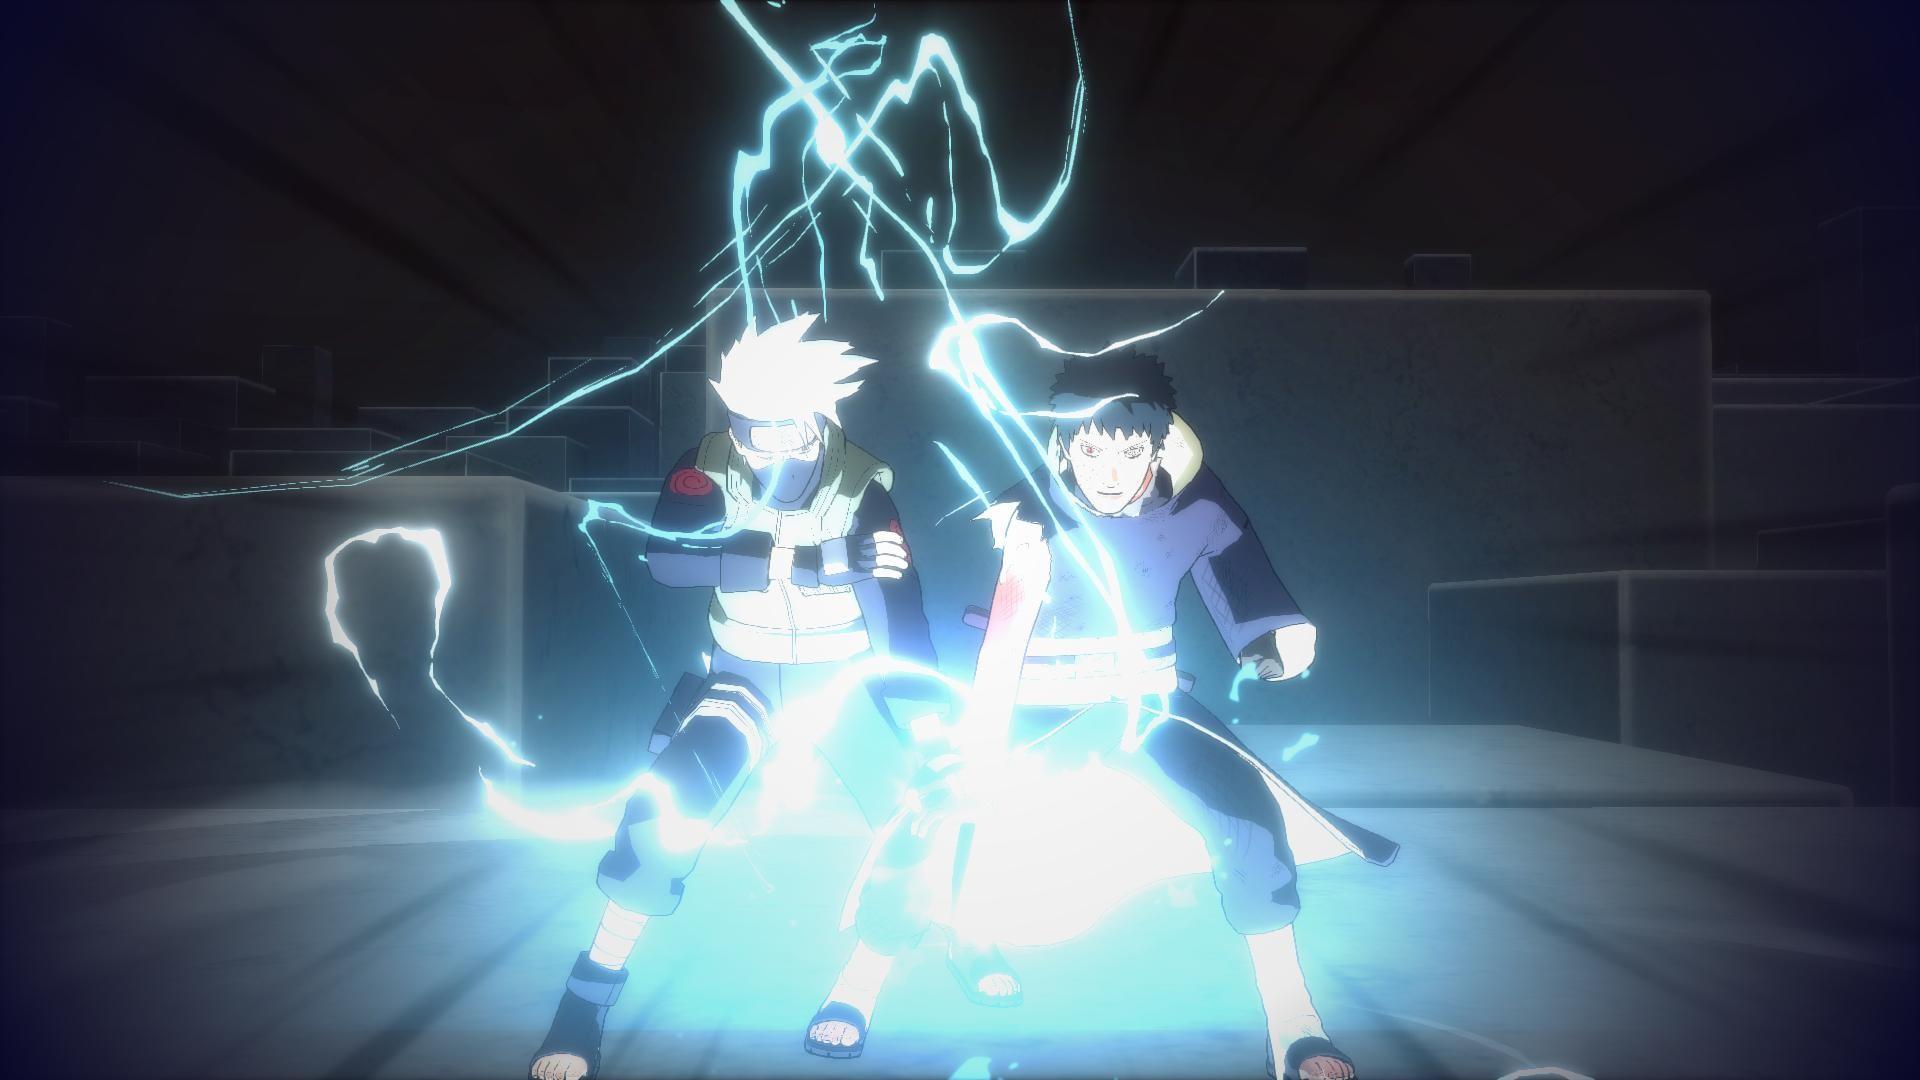 Video Game – Naruto Shippuden: Ultimate Ninja Storm 4 Kakashi Hatake Obito  Uchiha Wallpaper